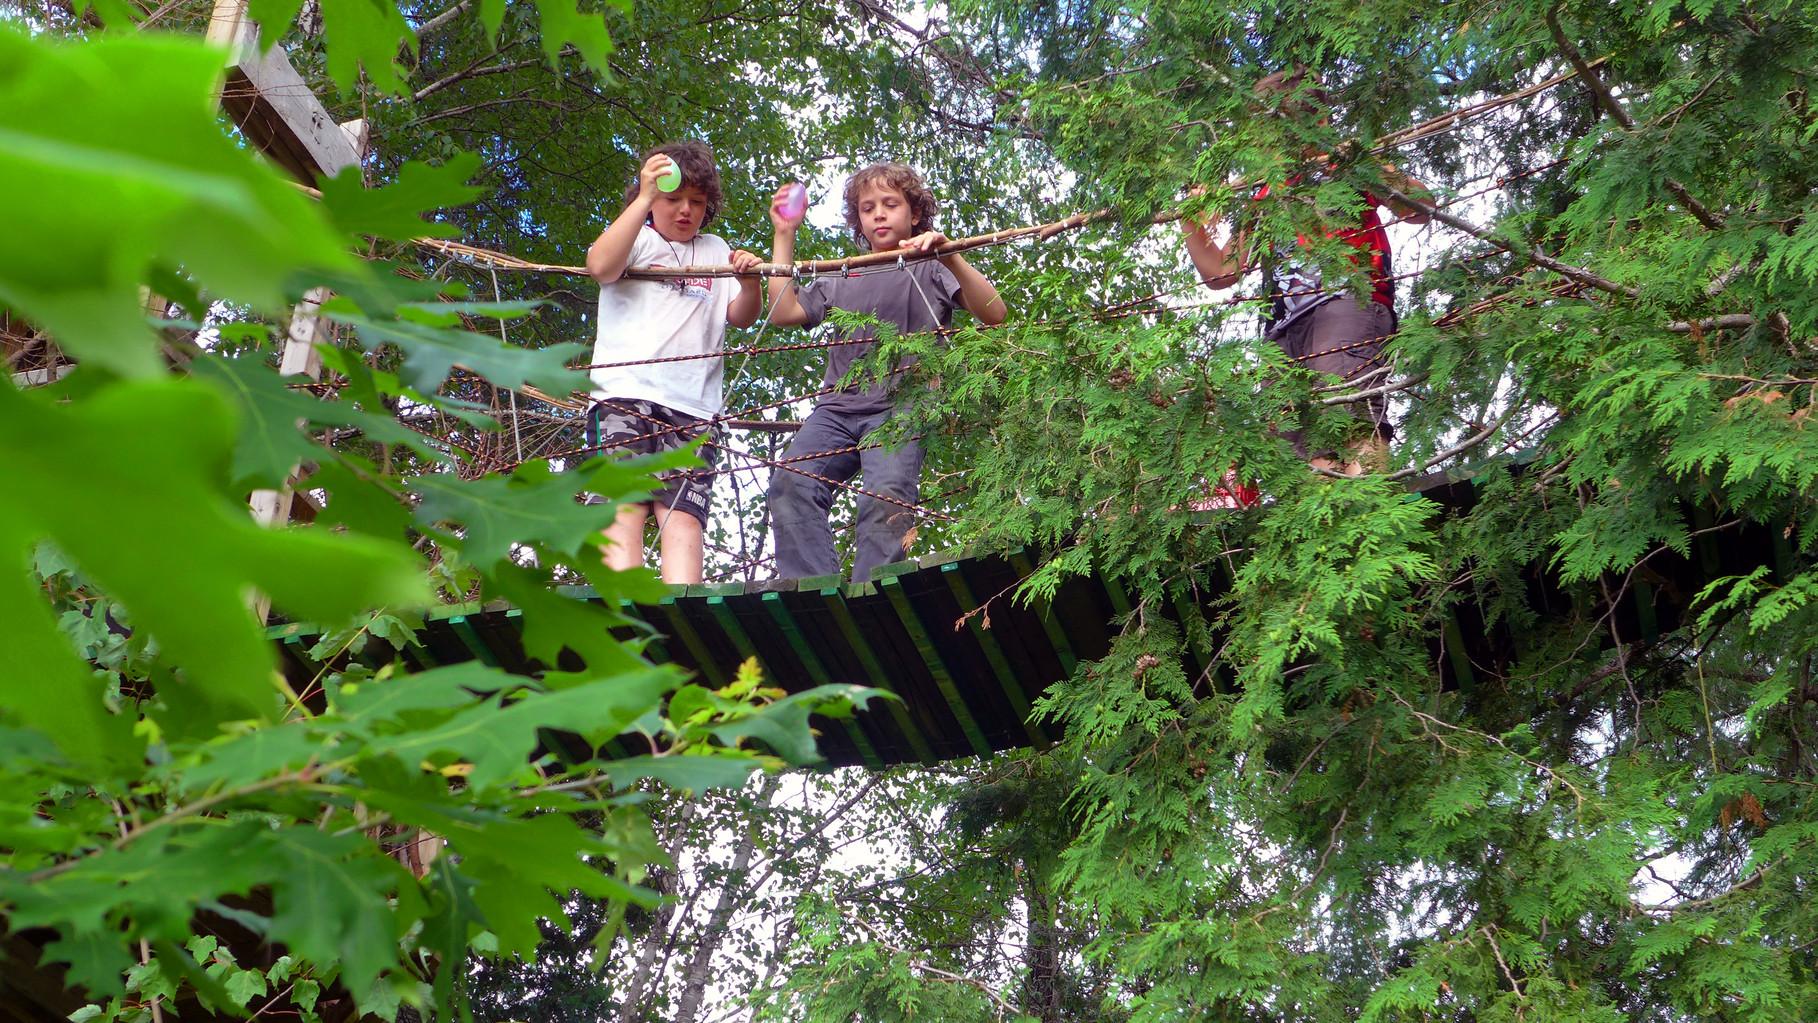 Bataille de «ballounes d'eau» en camp d'été